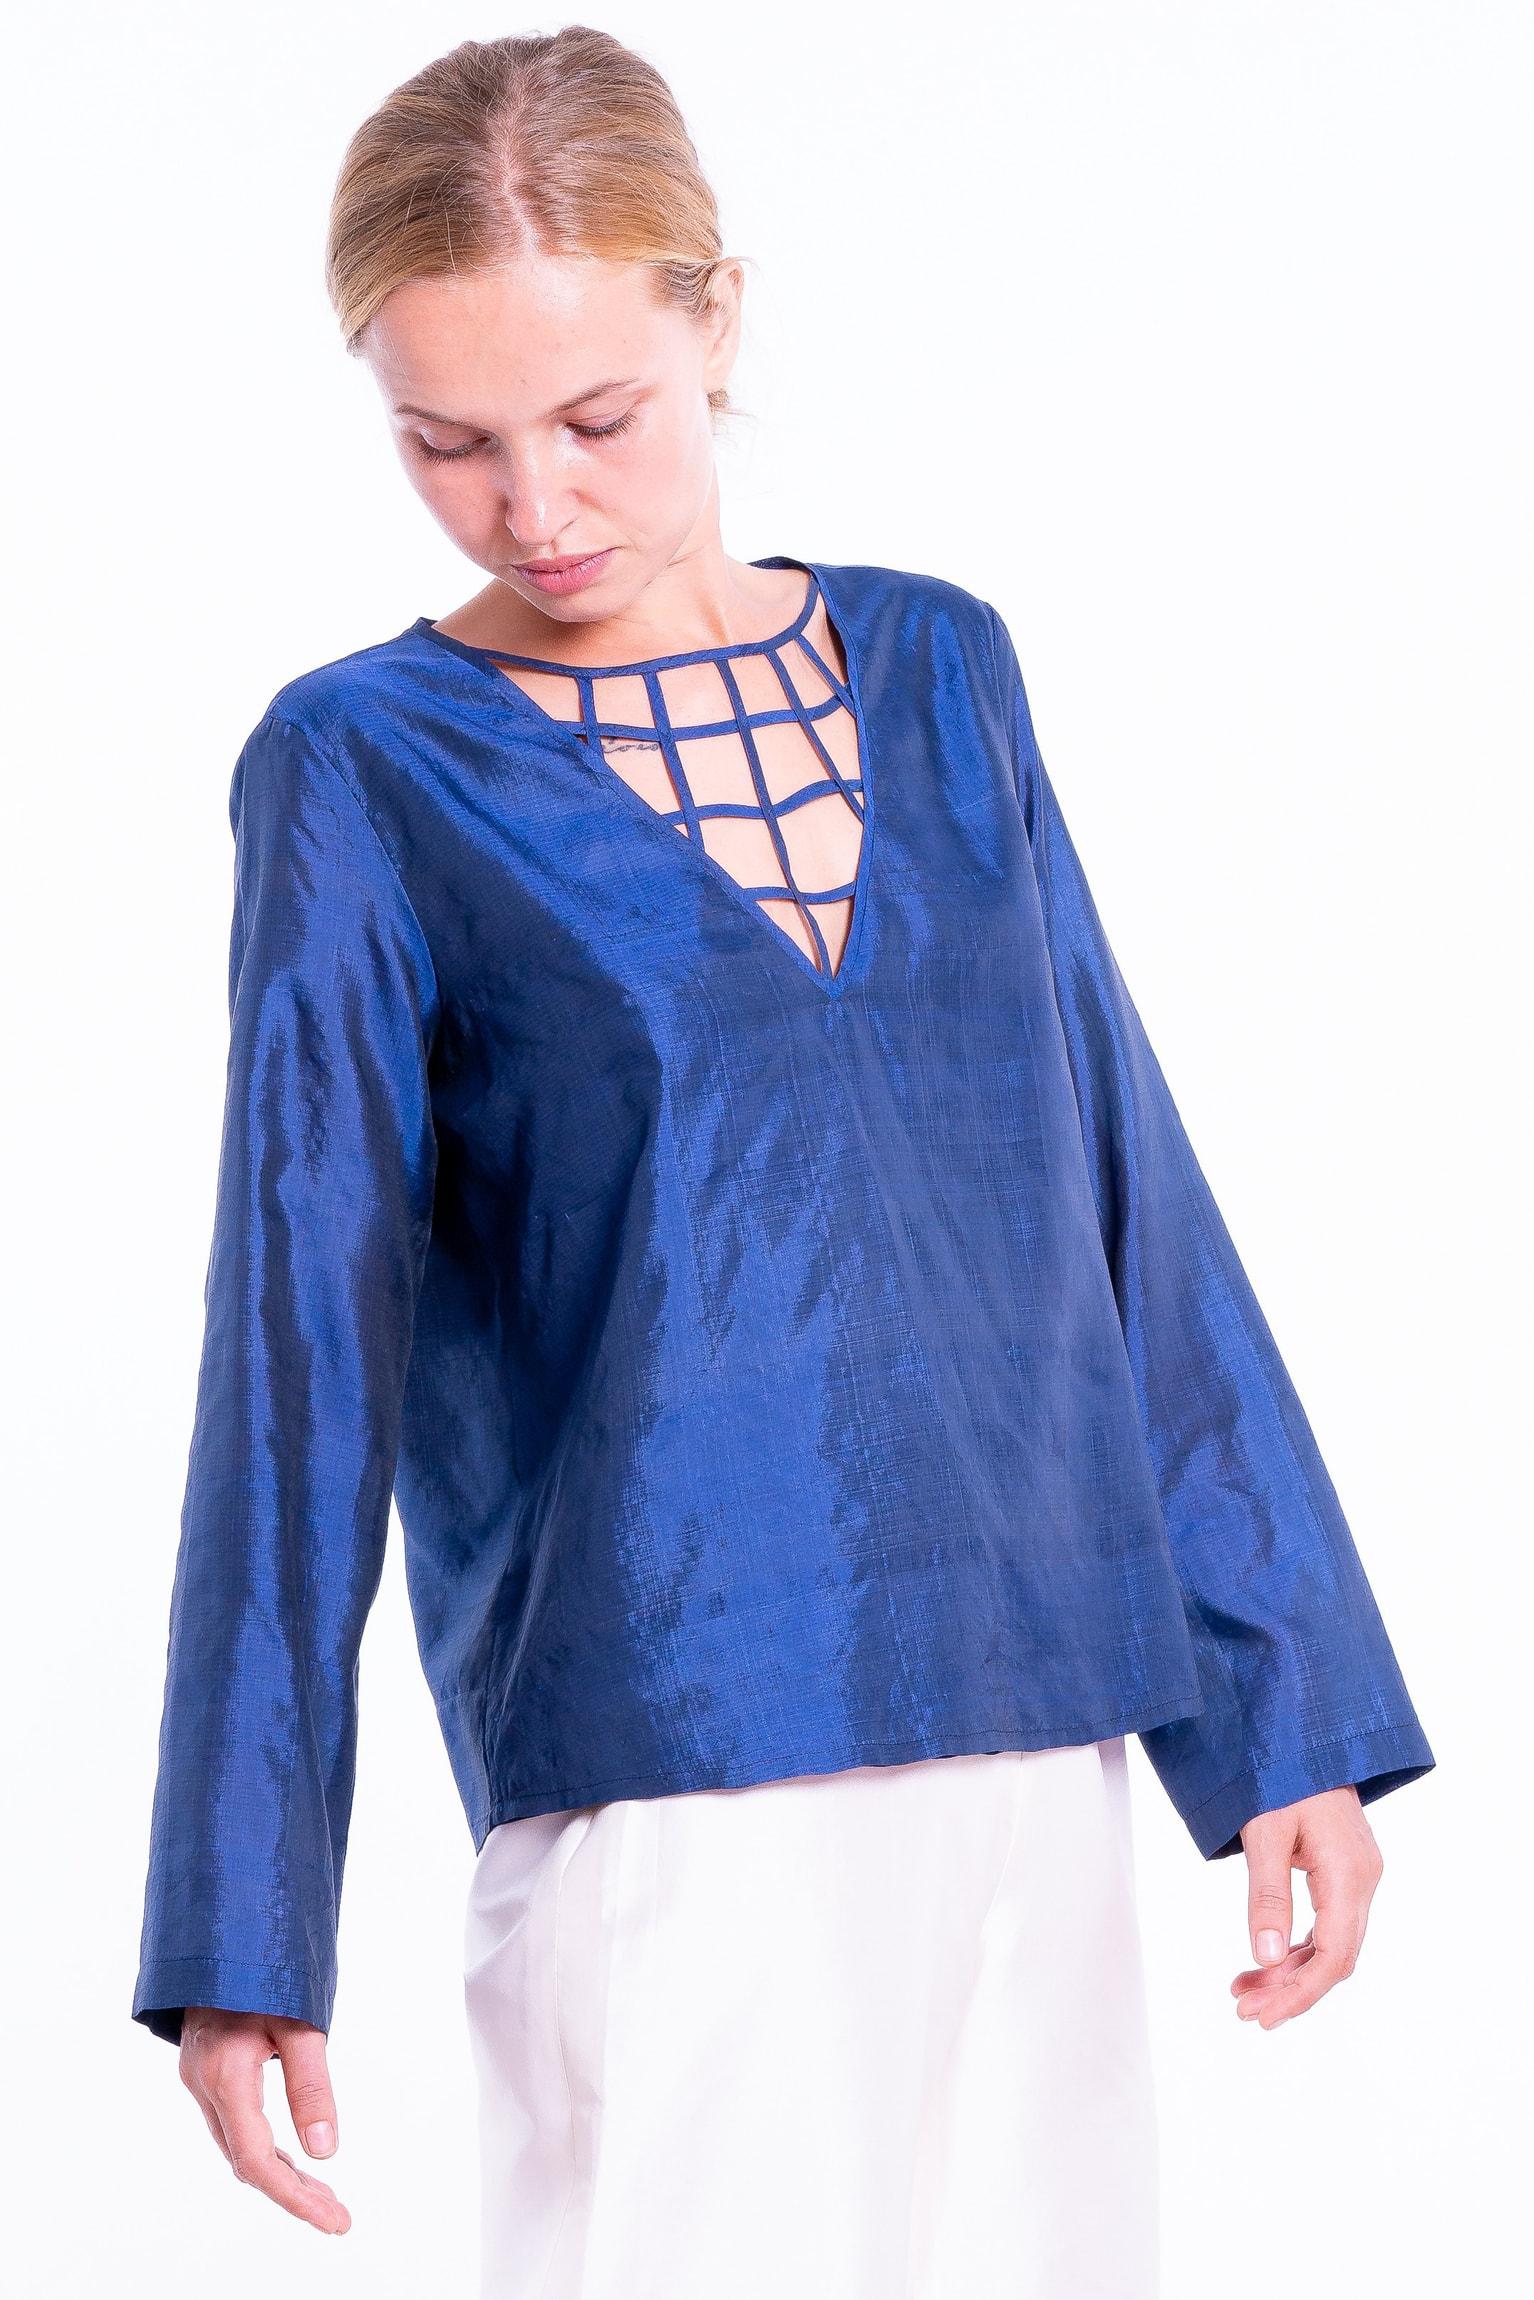 blouse bleue en soie naturelle avec entrelacs sur le décolleté, entièrement doublée, manches longues